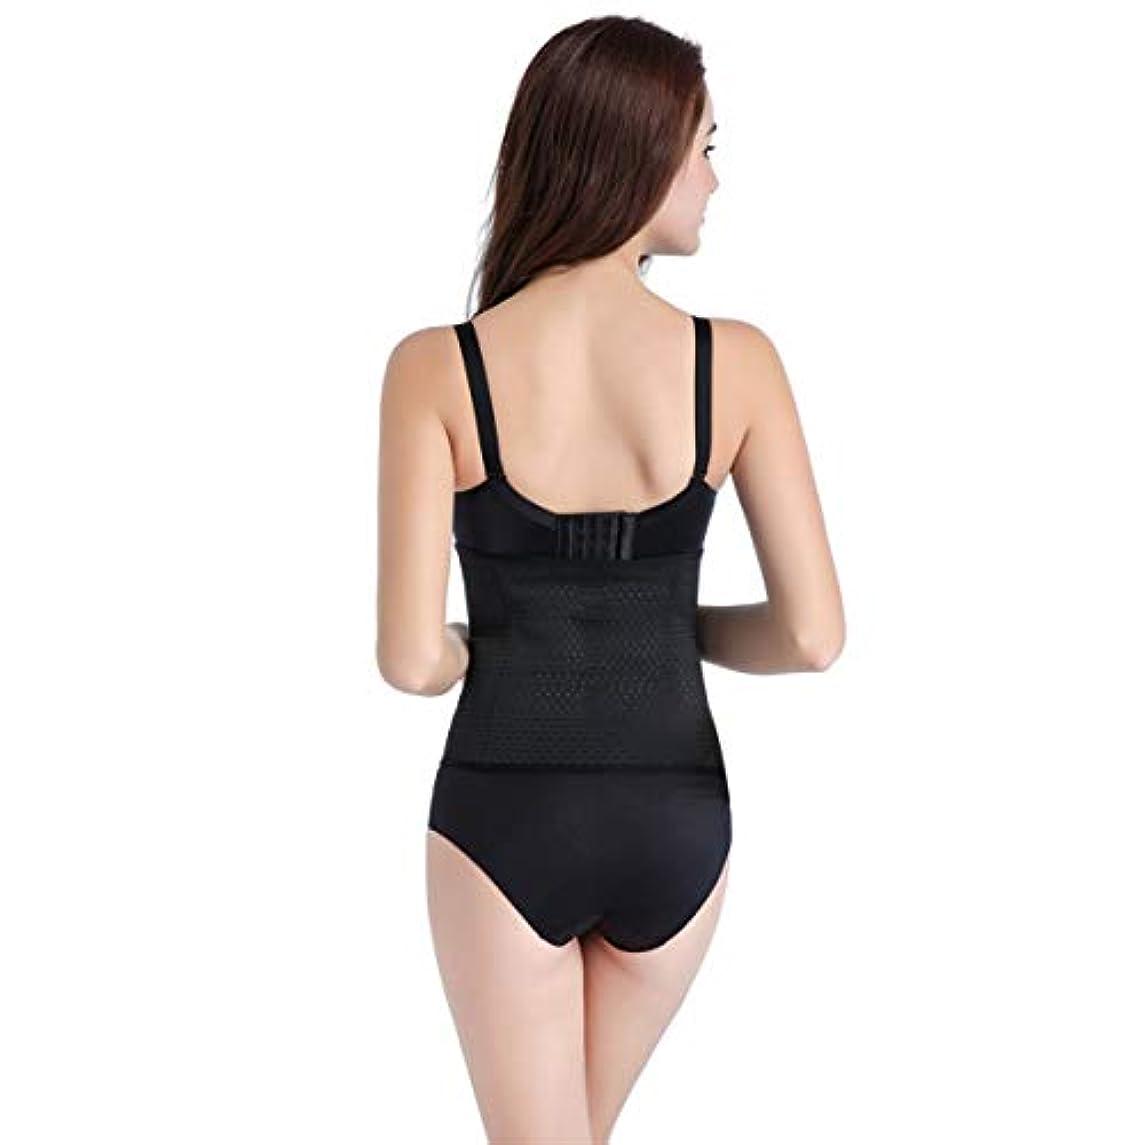 洗練熱意洗練Body Beauty Trainer Hollow Out Postpartum Abdomen Slimming Belly Body Shaper Breathable Sweet Sweat Corset Waist Band